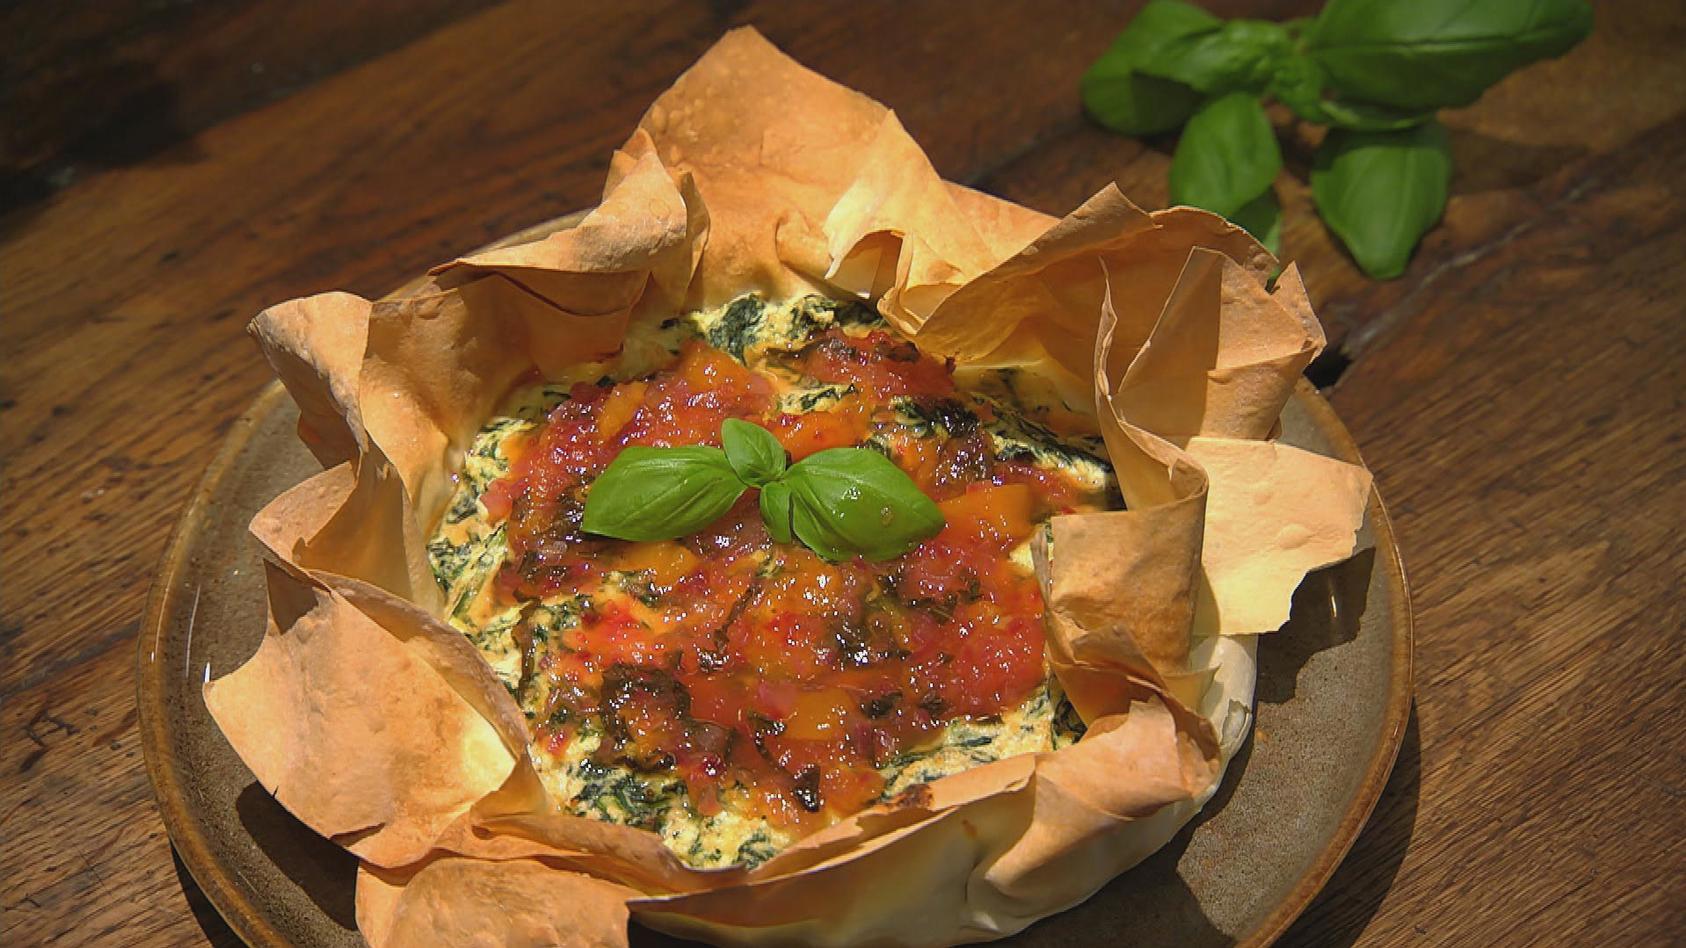 Süß und herzhaft aus dem Ofen - Das kriegt jeder gebacken: Spinat-Ricotta-Tarte